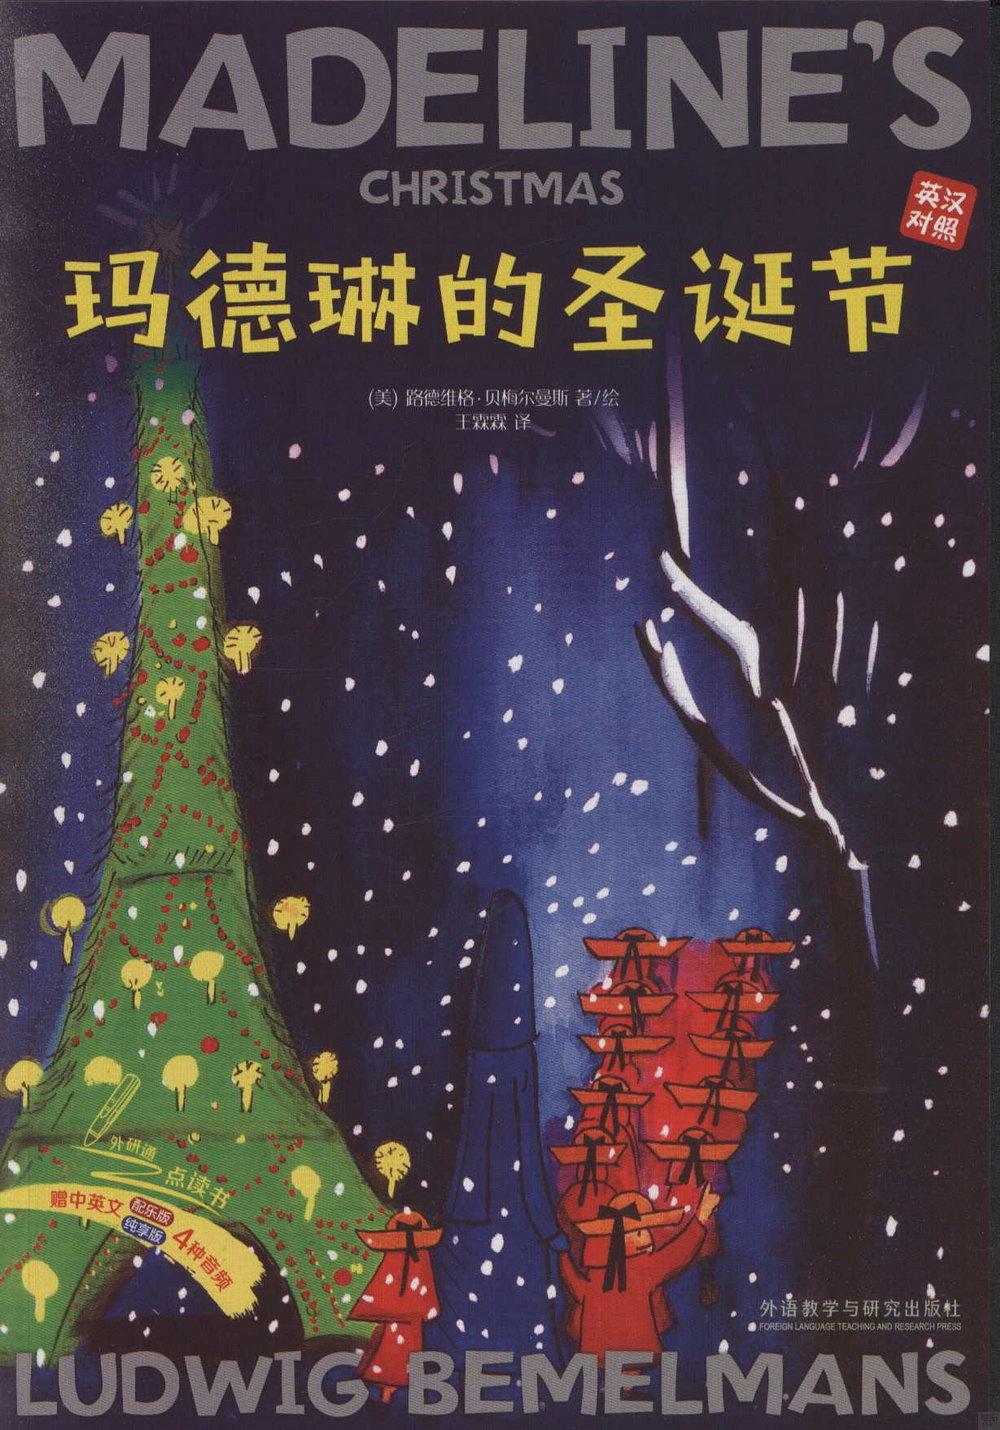 瑪德琳的聖誕節:英漢對照